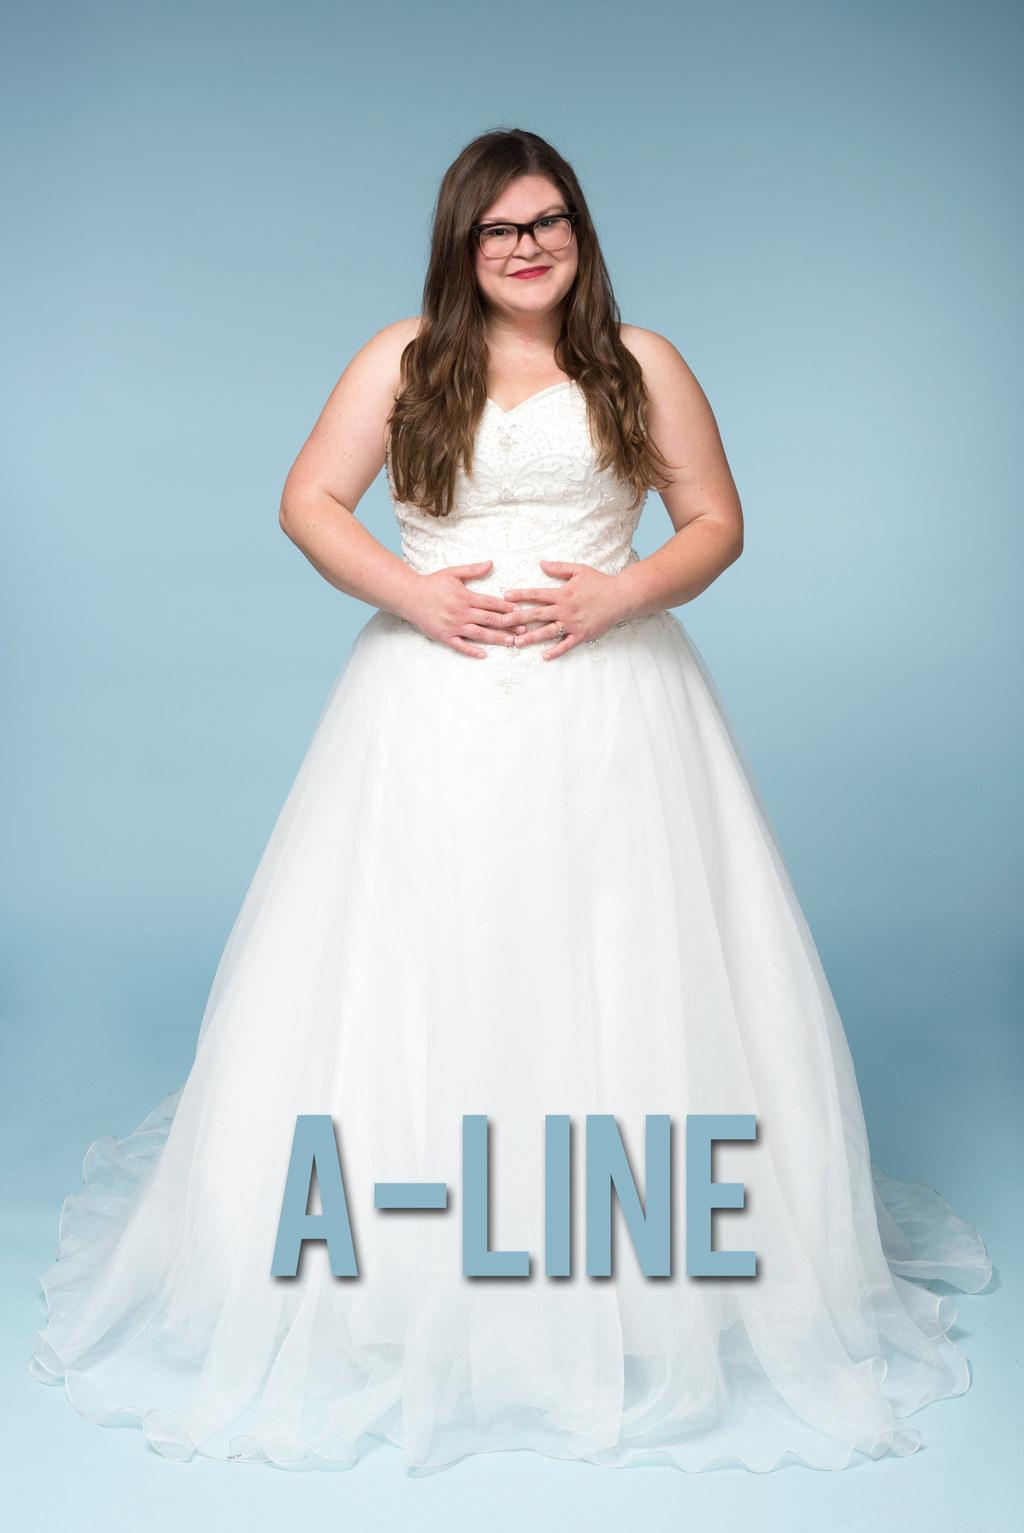 ' Pee In Wedding Dress